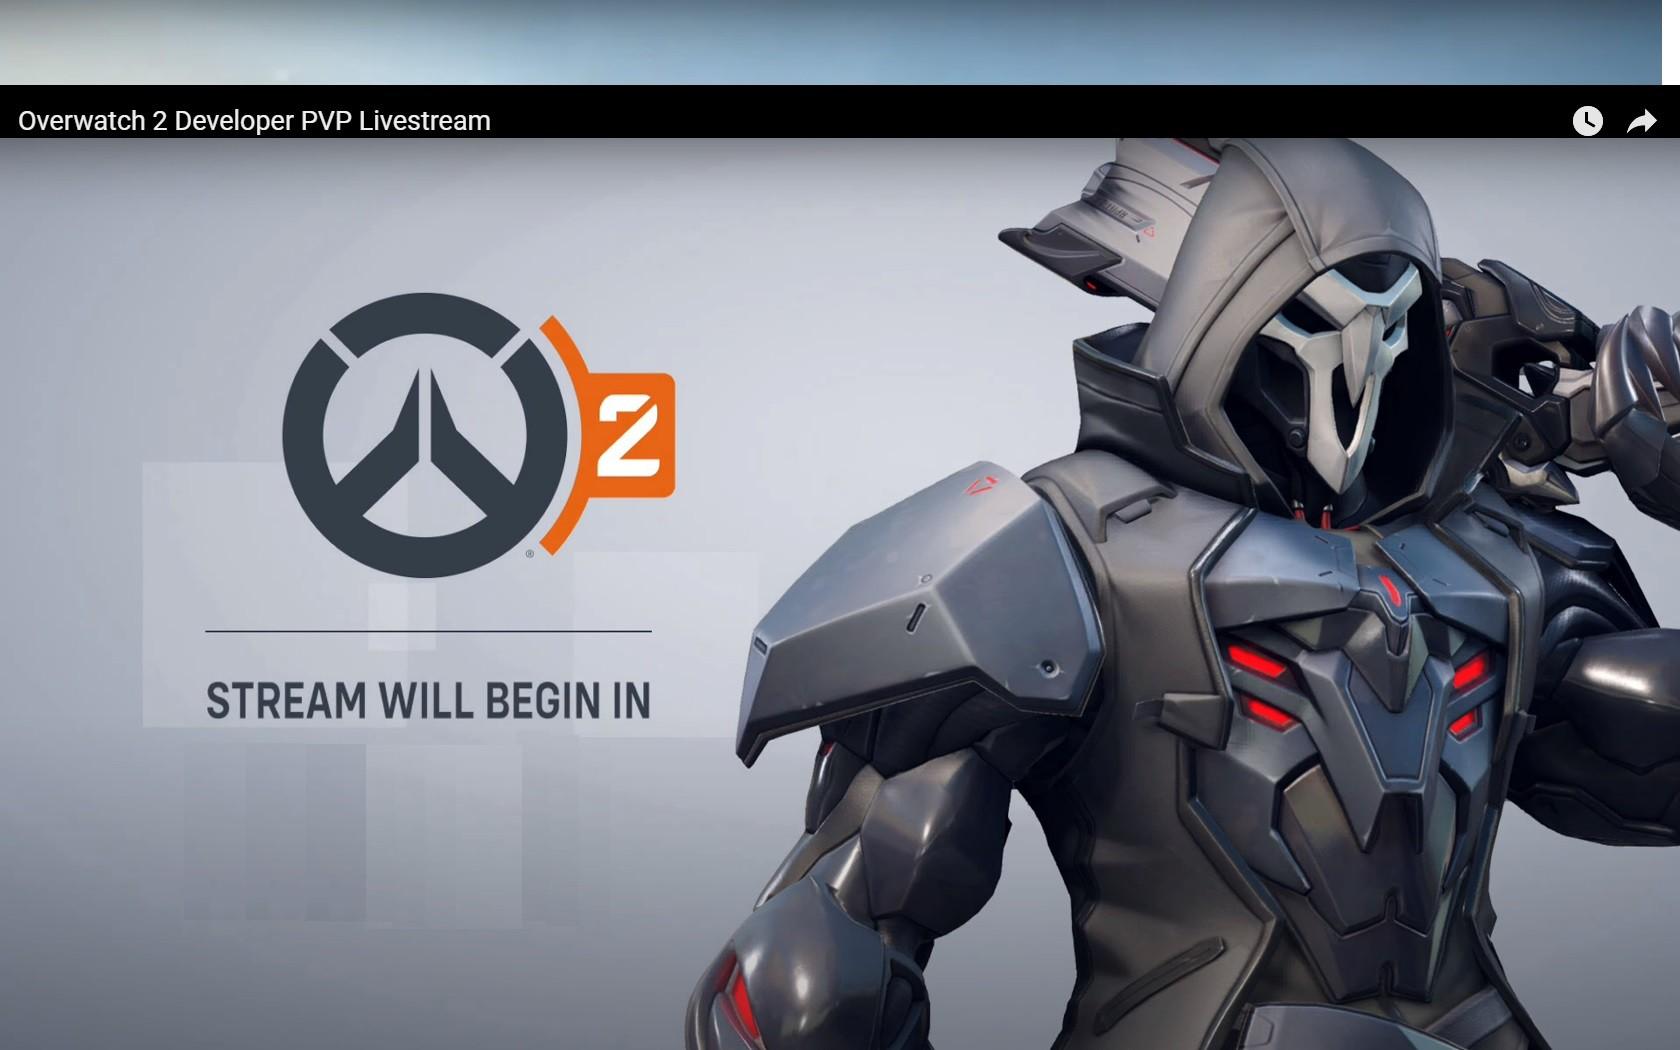 В Overwatch 2 персонажи постареют на несколько лет